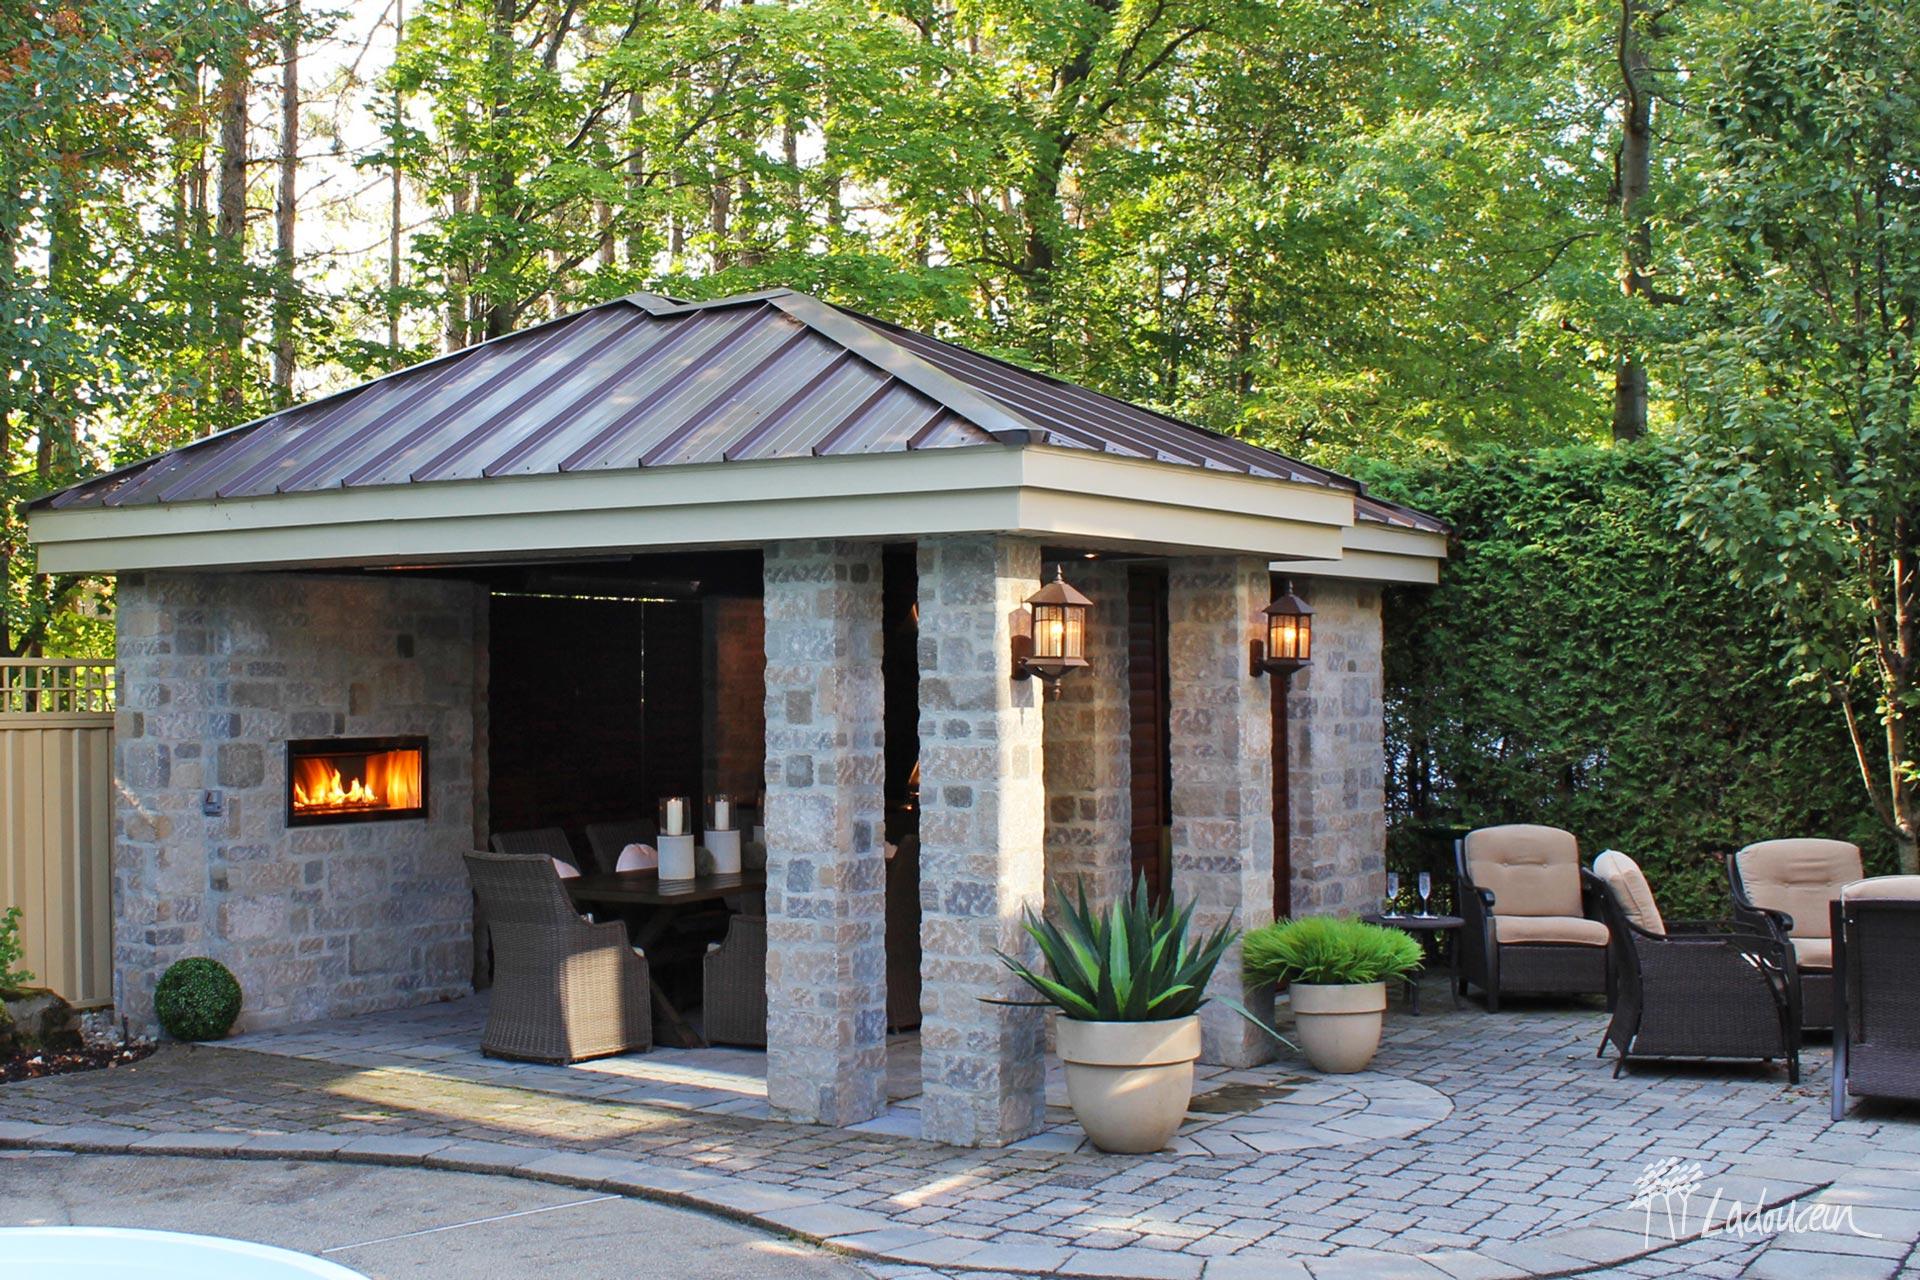 Cuisine exterieure sous un pavillon en pierre contemporaine avec foyer integree mobilier de jardin et pave uni designe par ladouceur